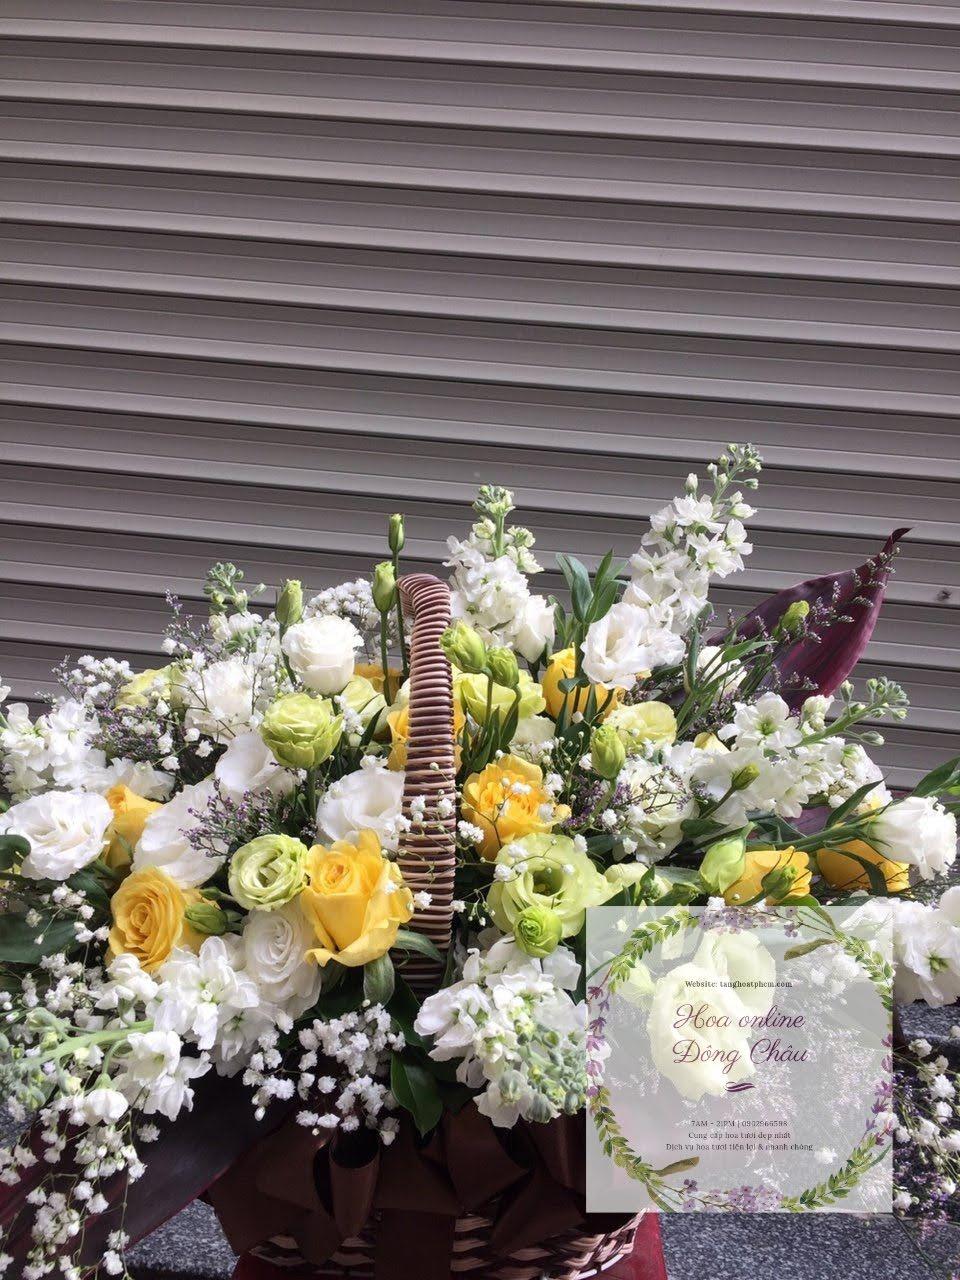 giỏ hoa tươi vui mừng